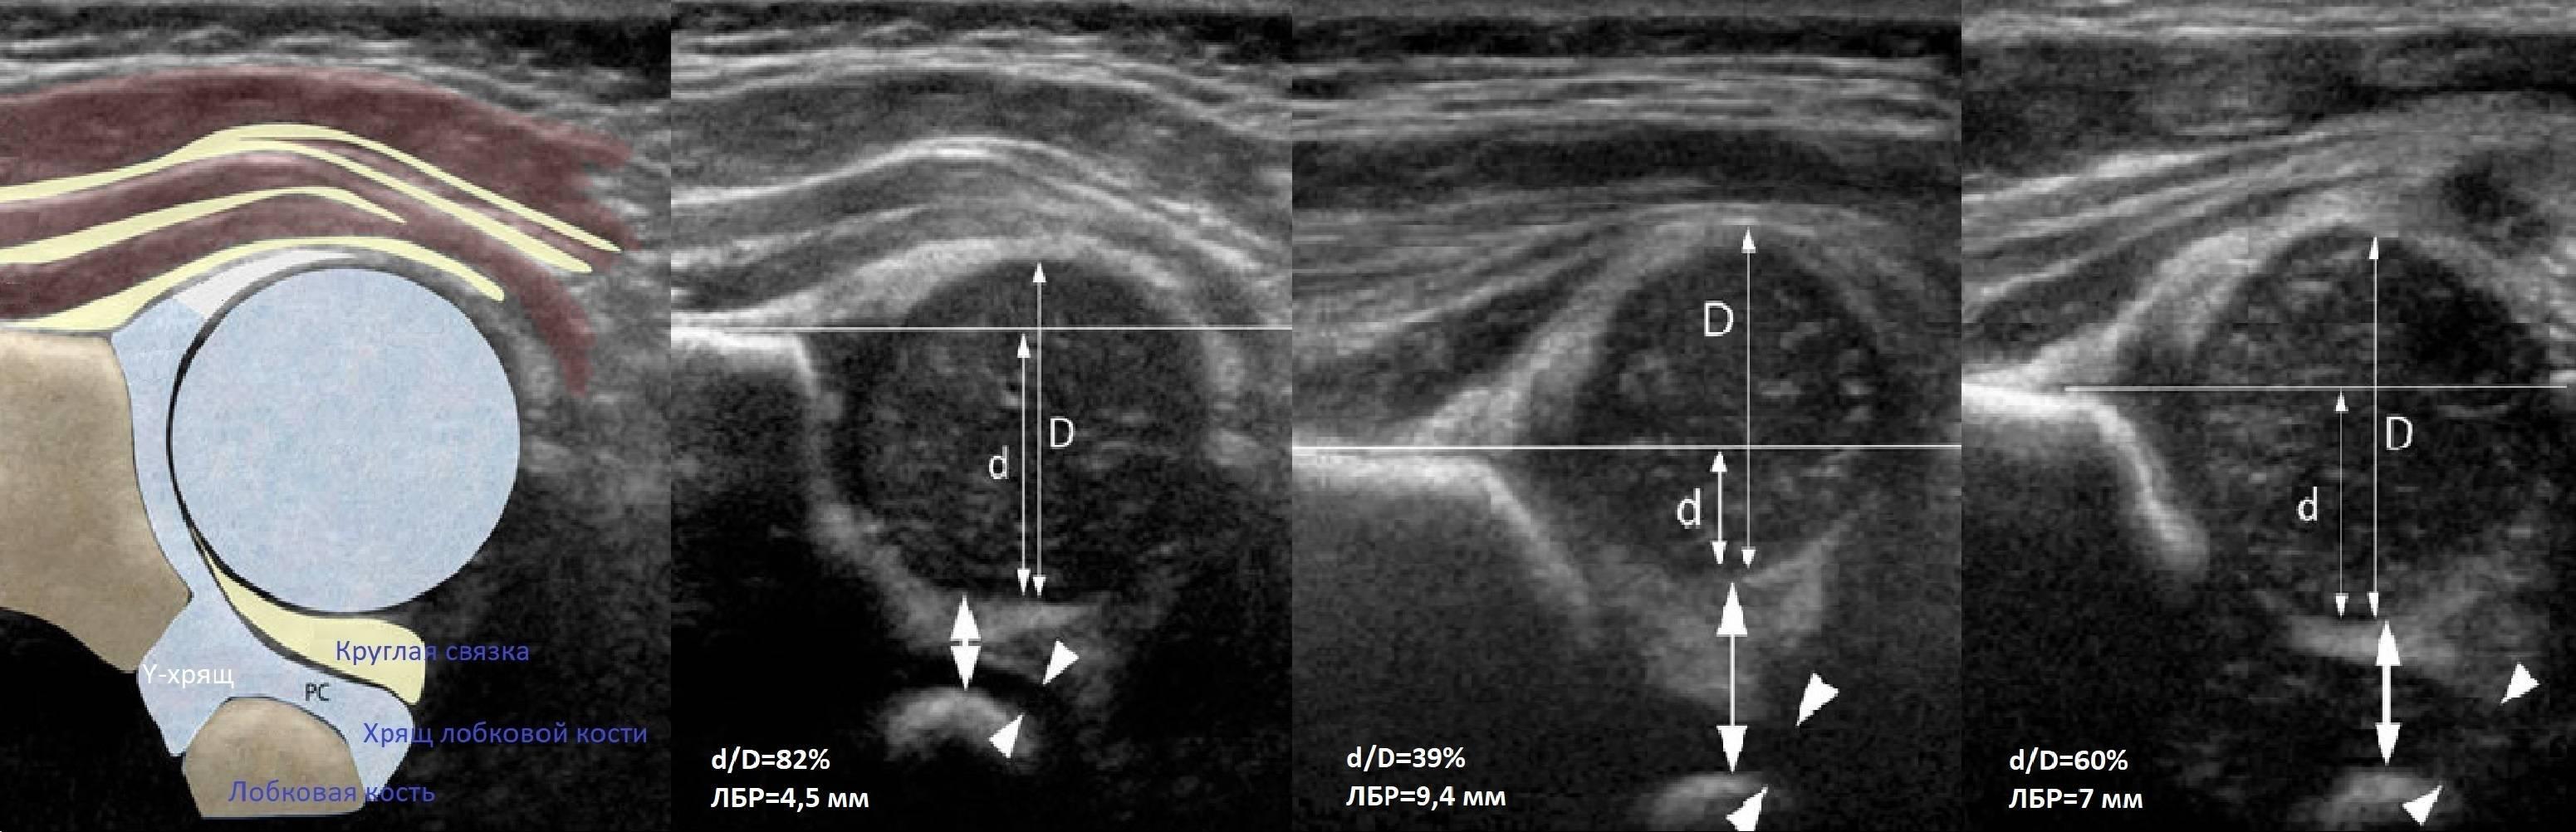 Узи тазобедренных суставов новорожденных грудничков: норма углов и расшифровка